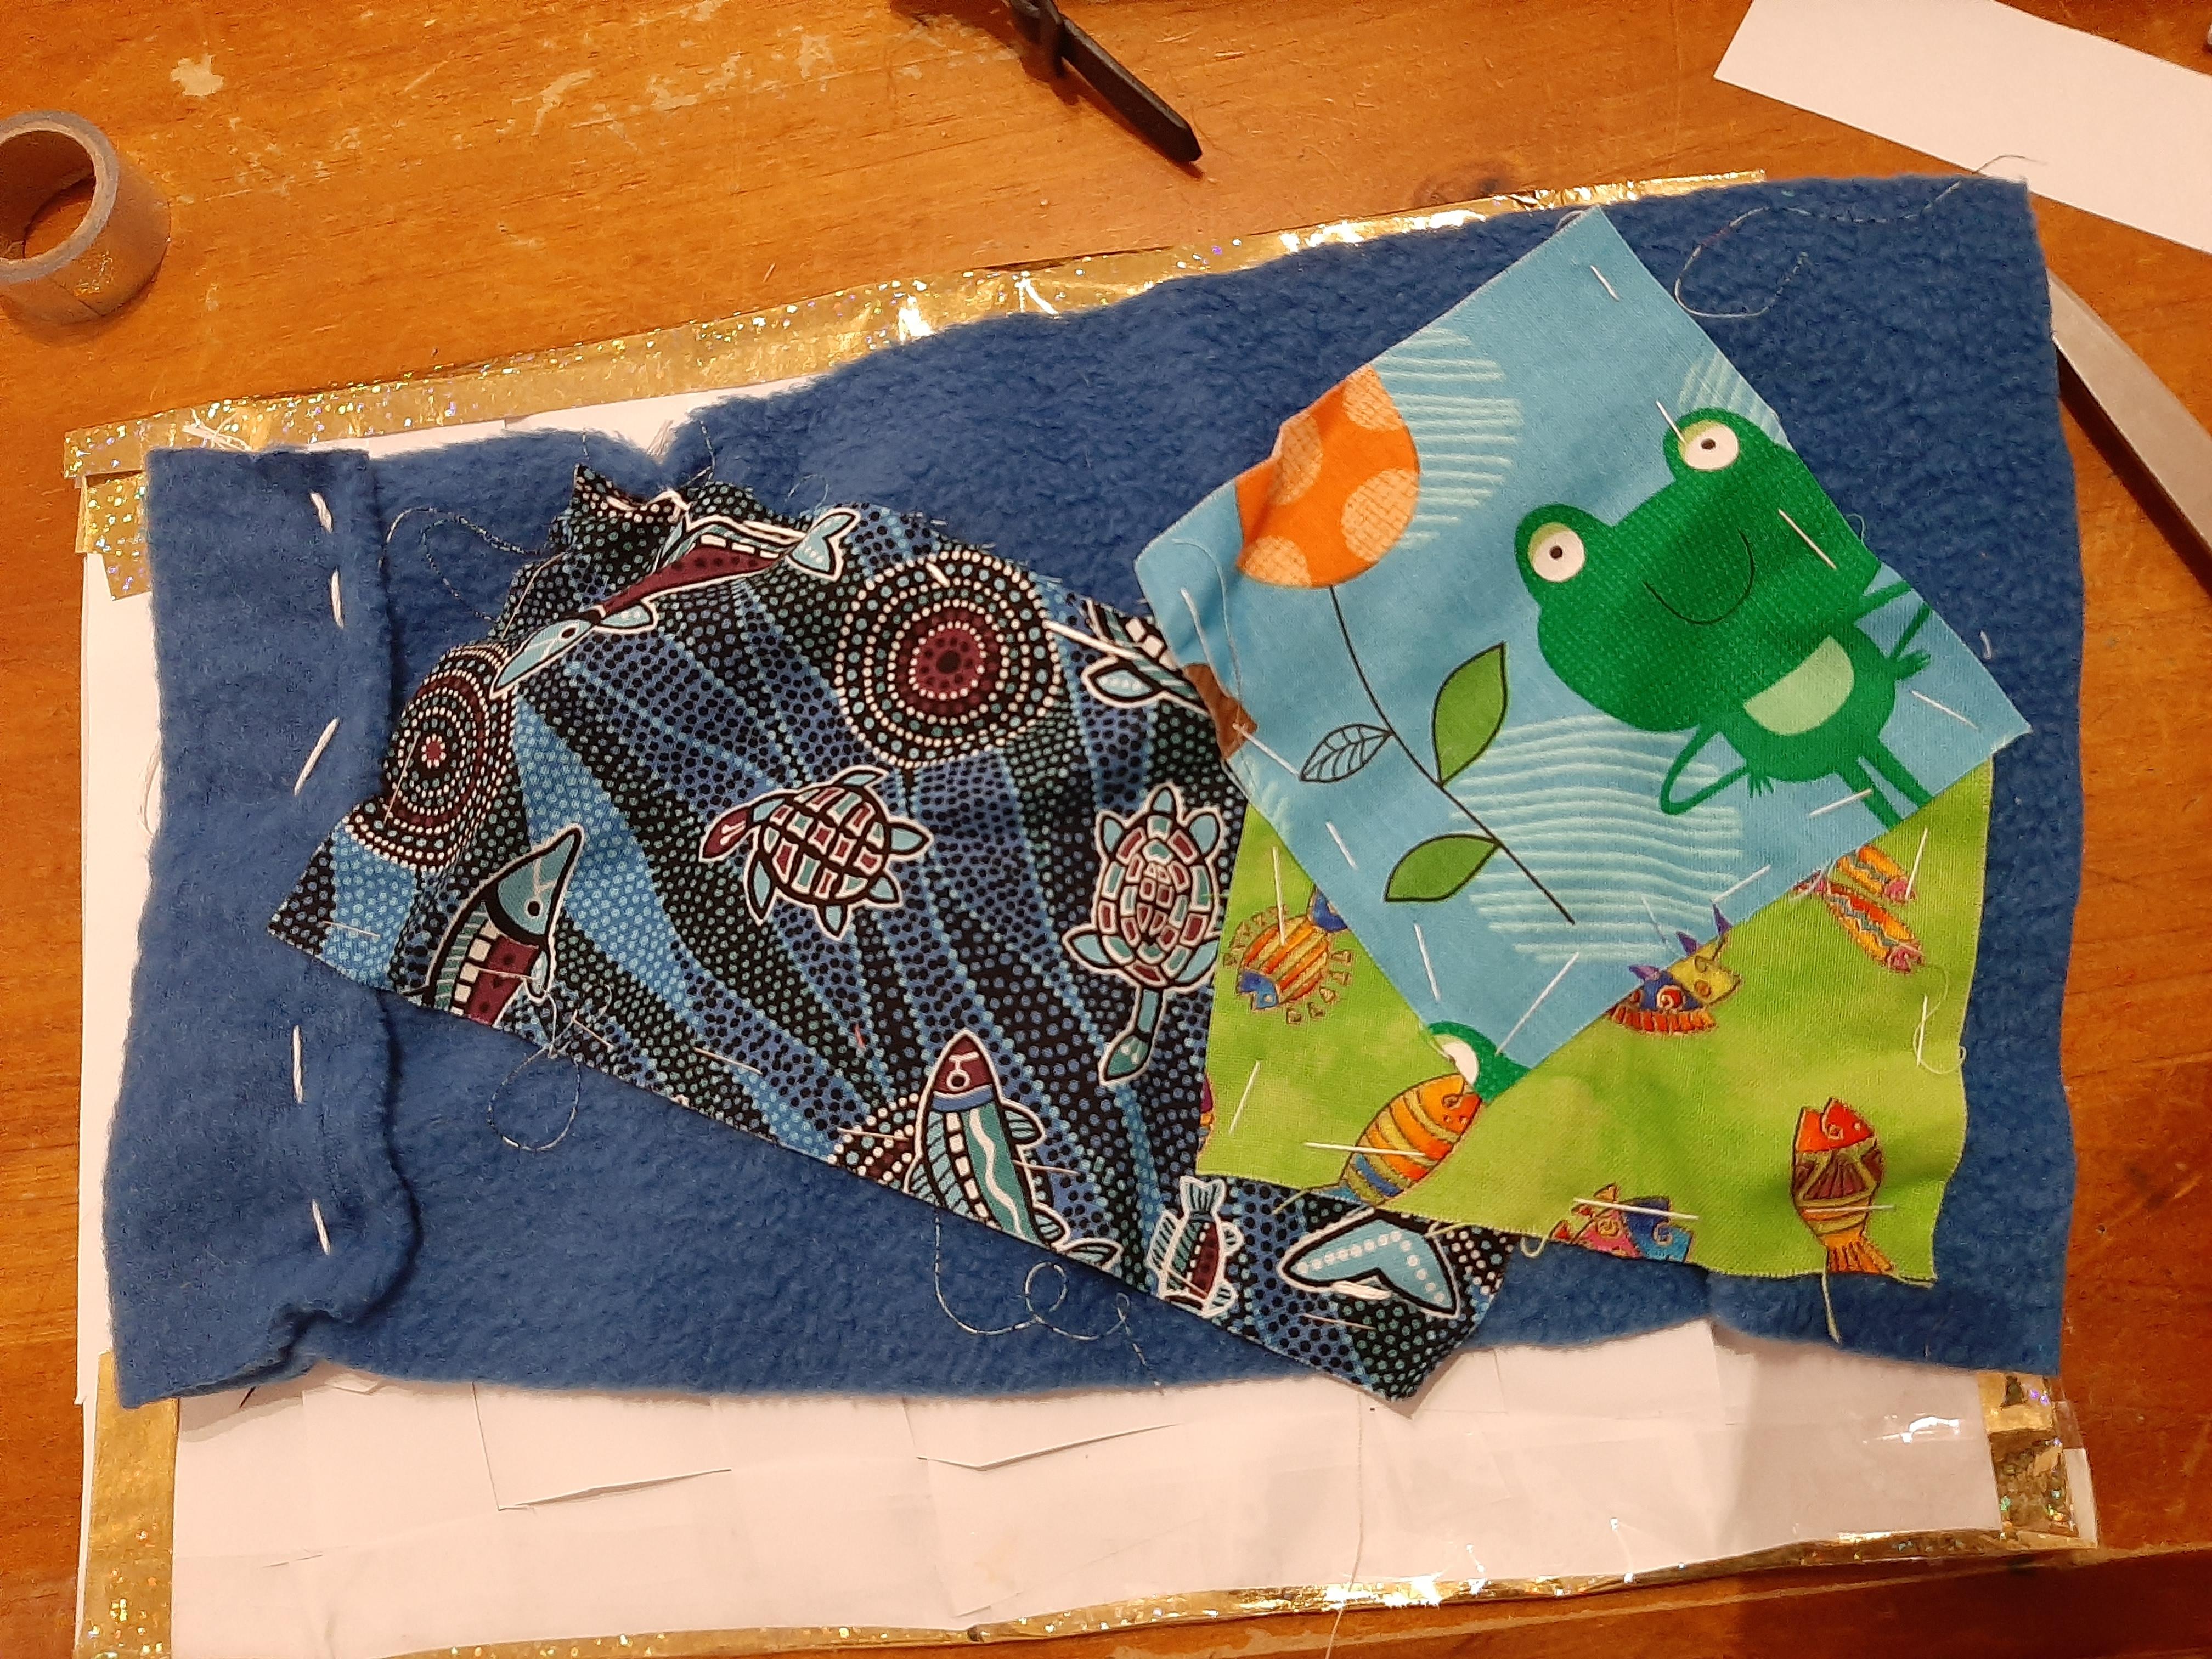 Nick and Tim - Fabric